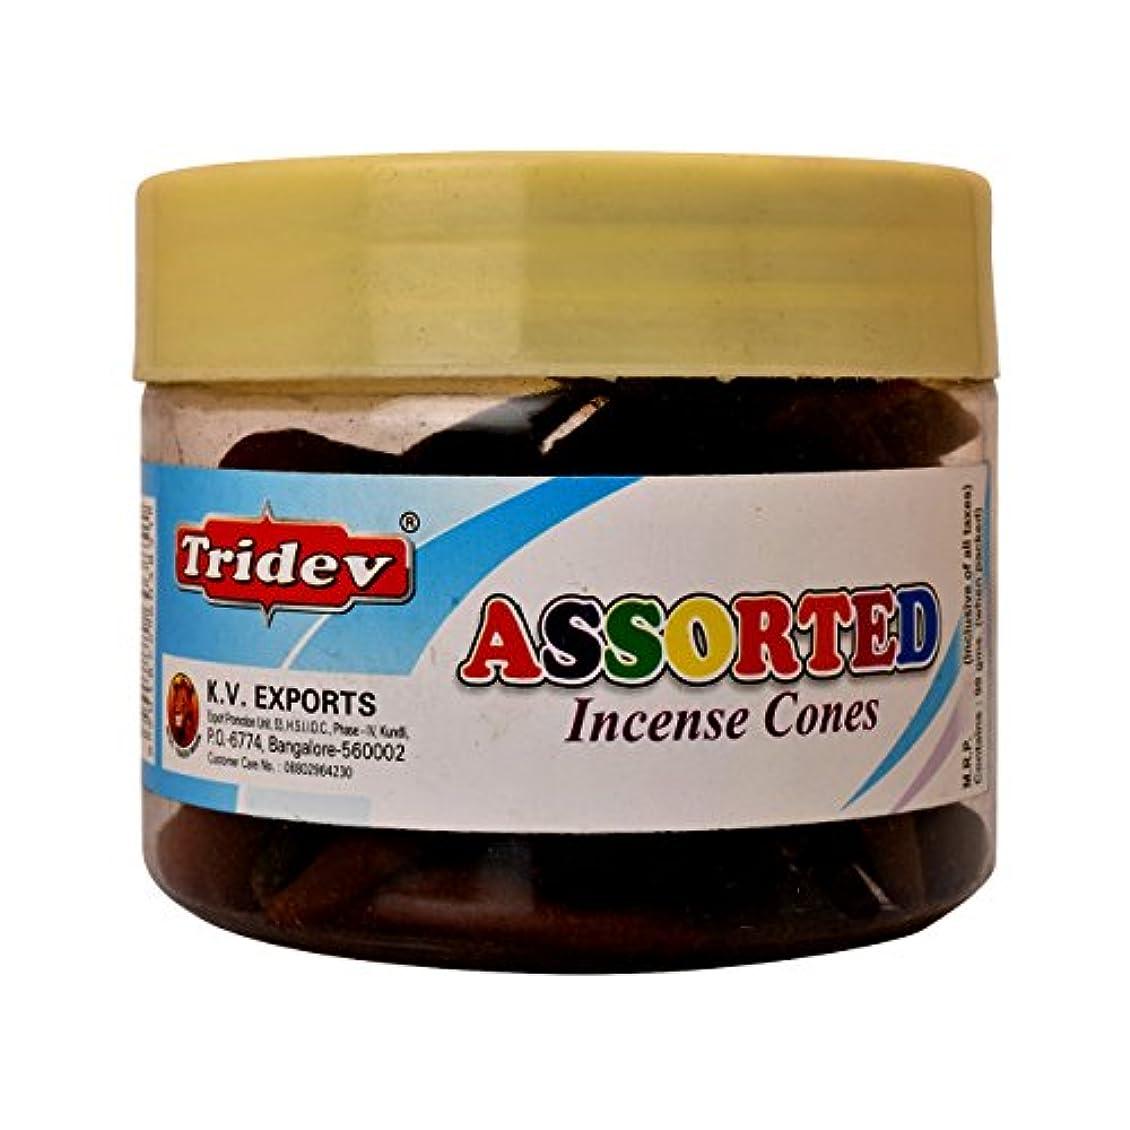 山支給スピーカーTridev Assorted Incense Cones Jar 90グラムパック